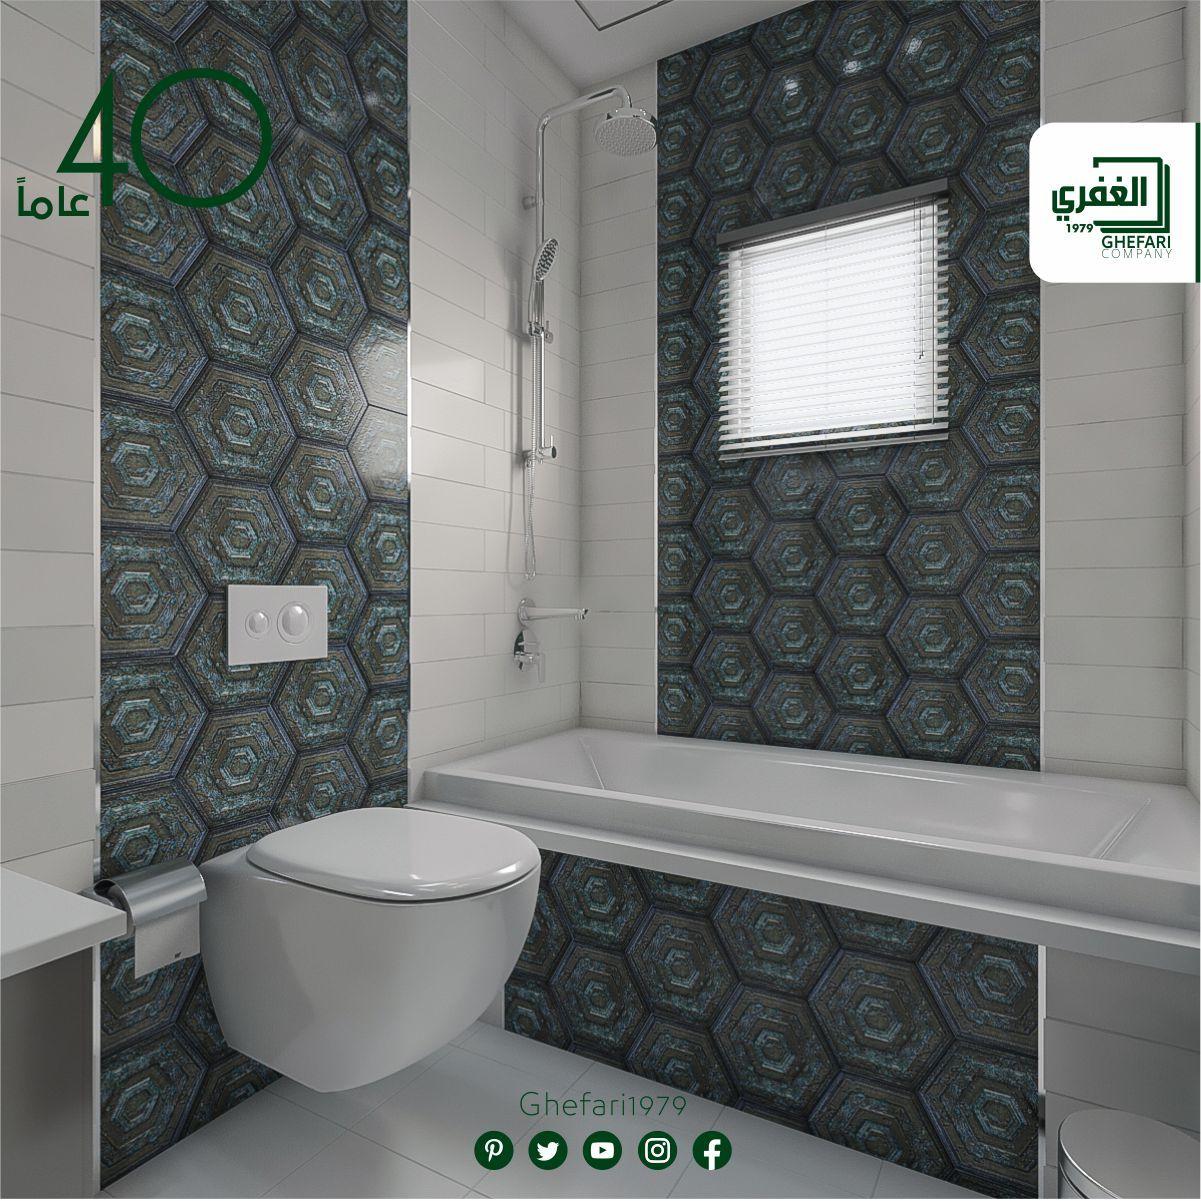 بورسلان حوائط حمامات مطبخ اسباني الصنع ديكور 23 2 26 7 للمزيد زورونا على موقع الشركة Www Ghefari Com الرقم المجاني 1700 Bathtub Bathroom Alcove Bathtub